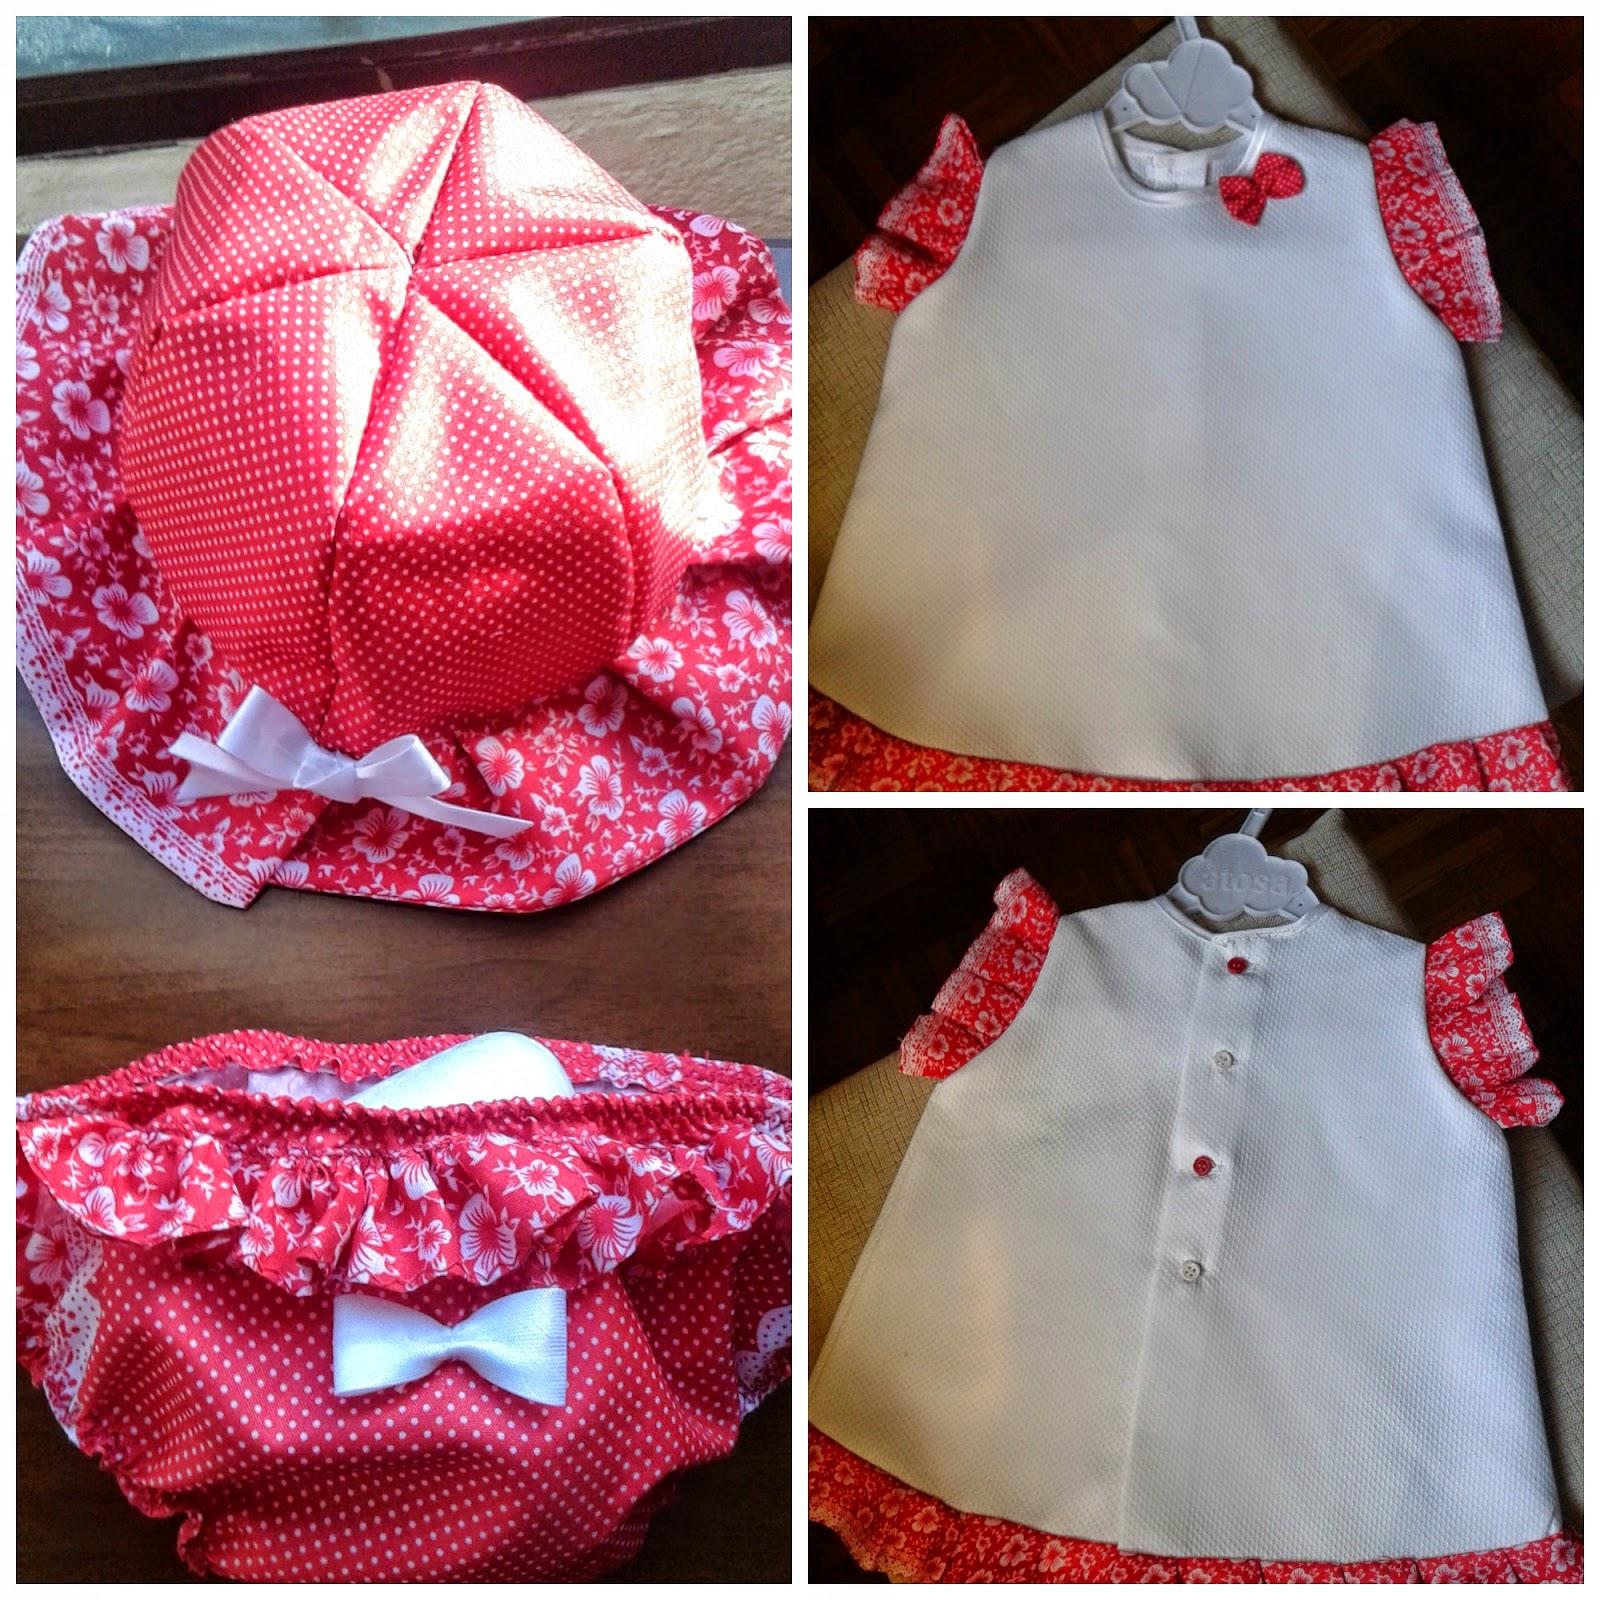 http://patronycostura.blogspot.com.es/2014/06/tema-44-conjunto-vestido-gorro-pamela-y.html